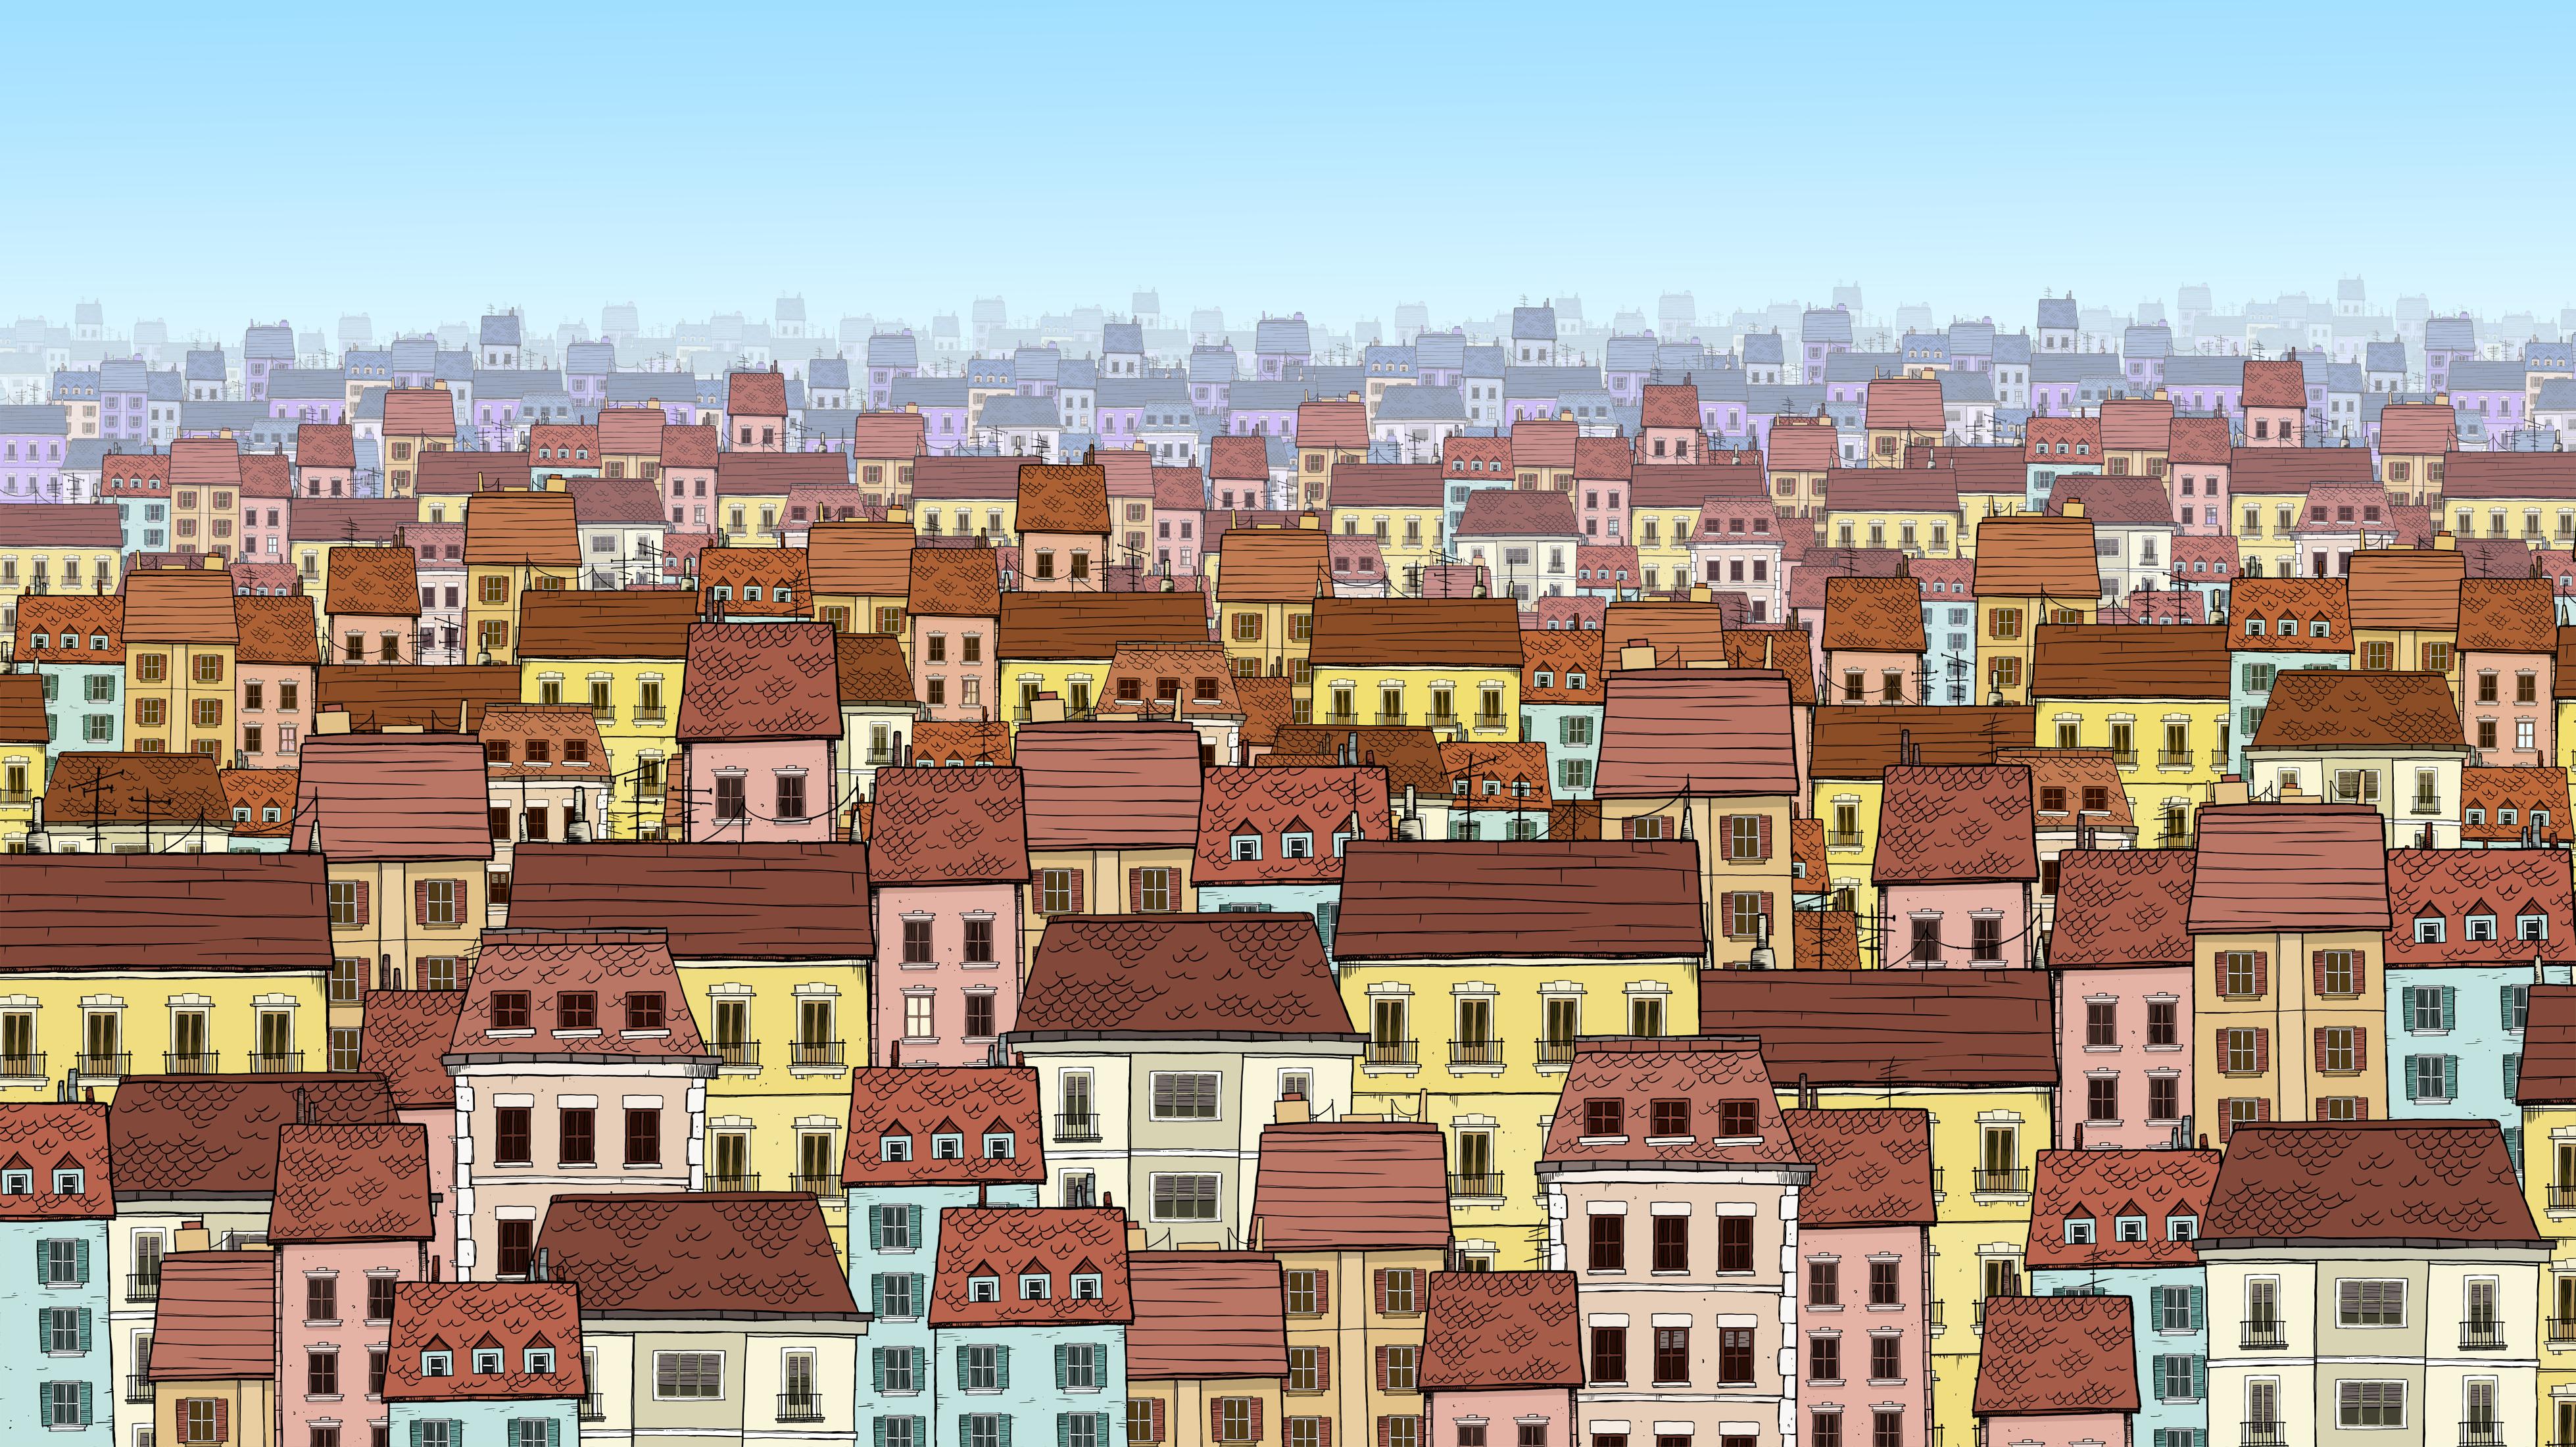 Barymont_01_plano12_edificios